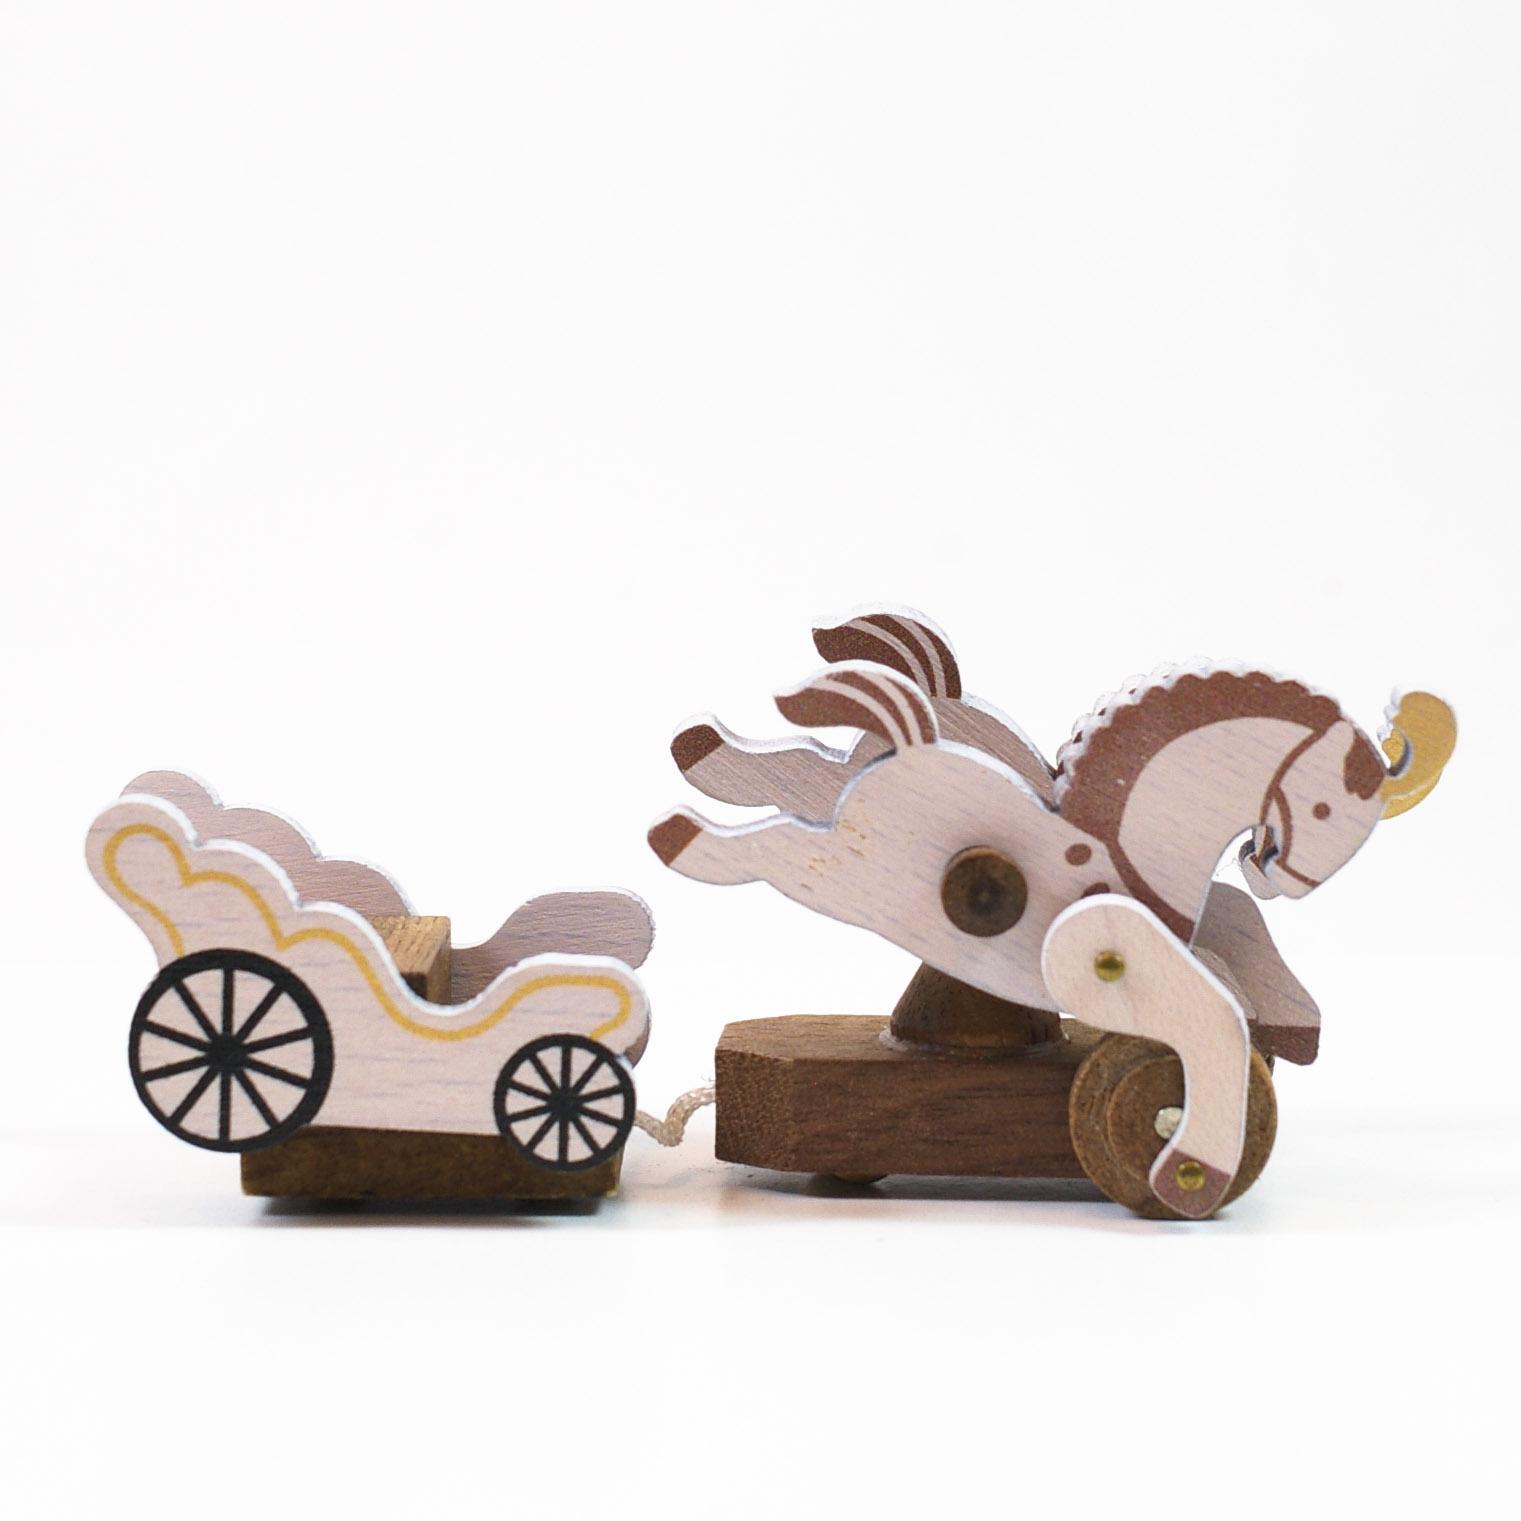 画像1: Lサイズ*可動 馬車 【 wooderful life DIYオルゴールオブジェ 】 (1)